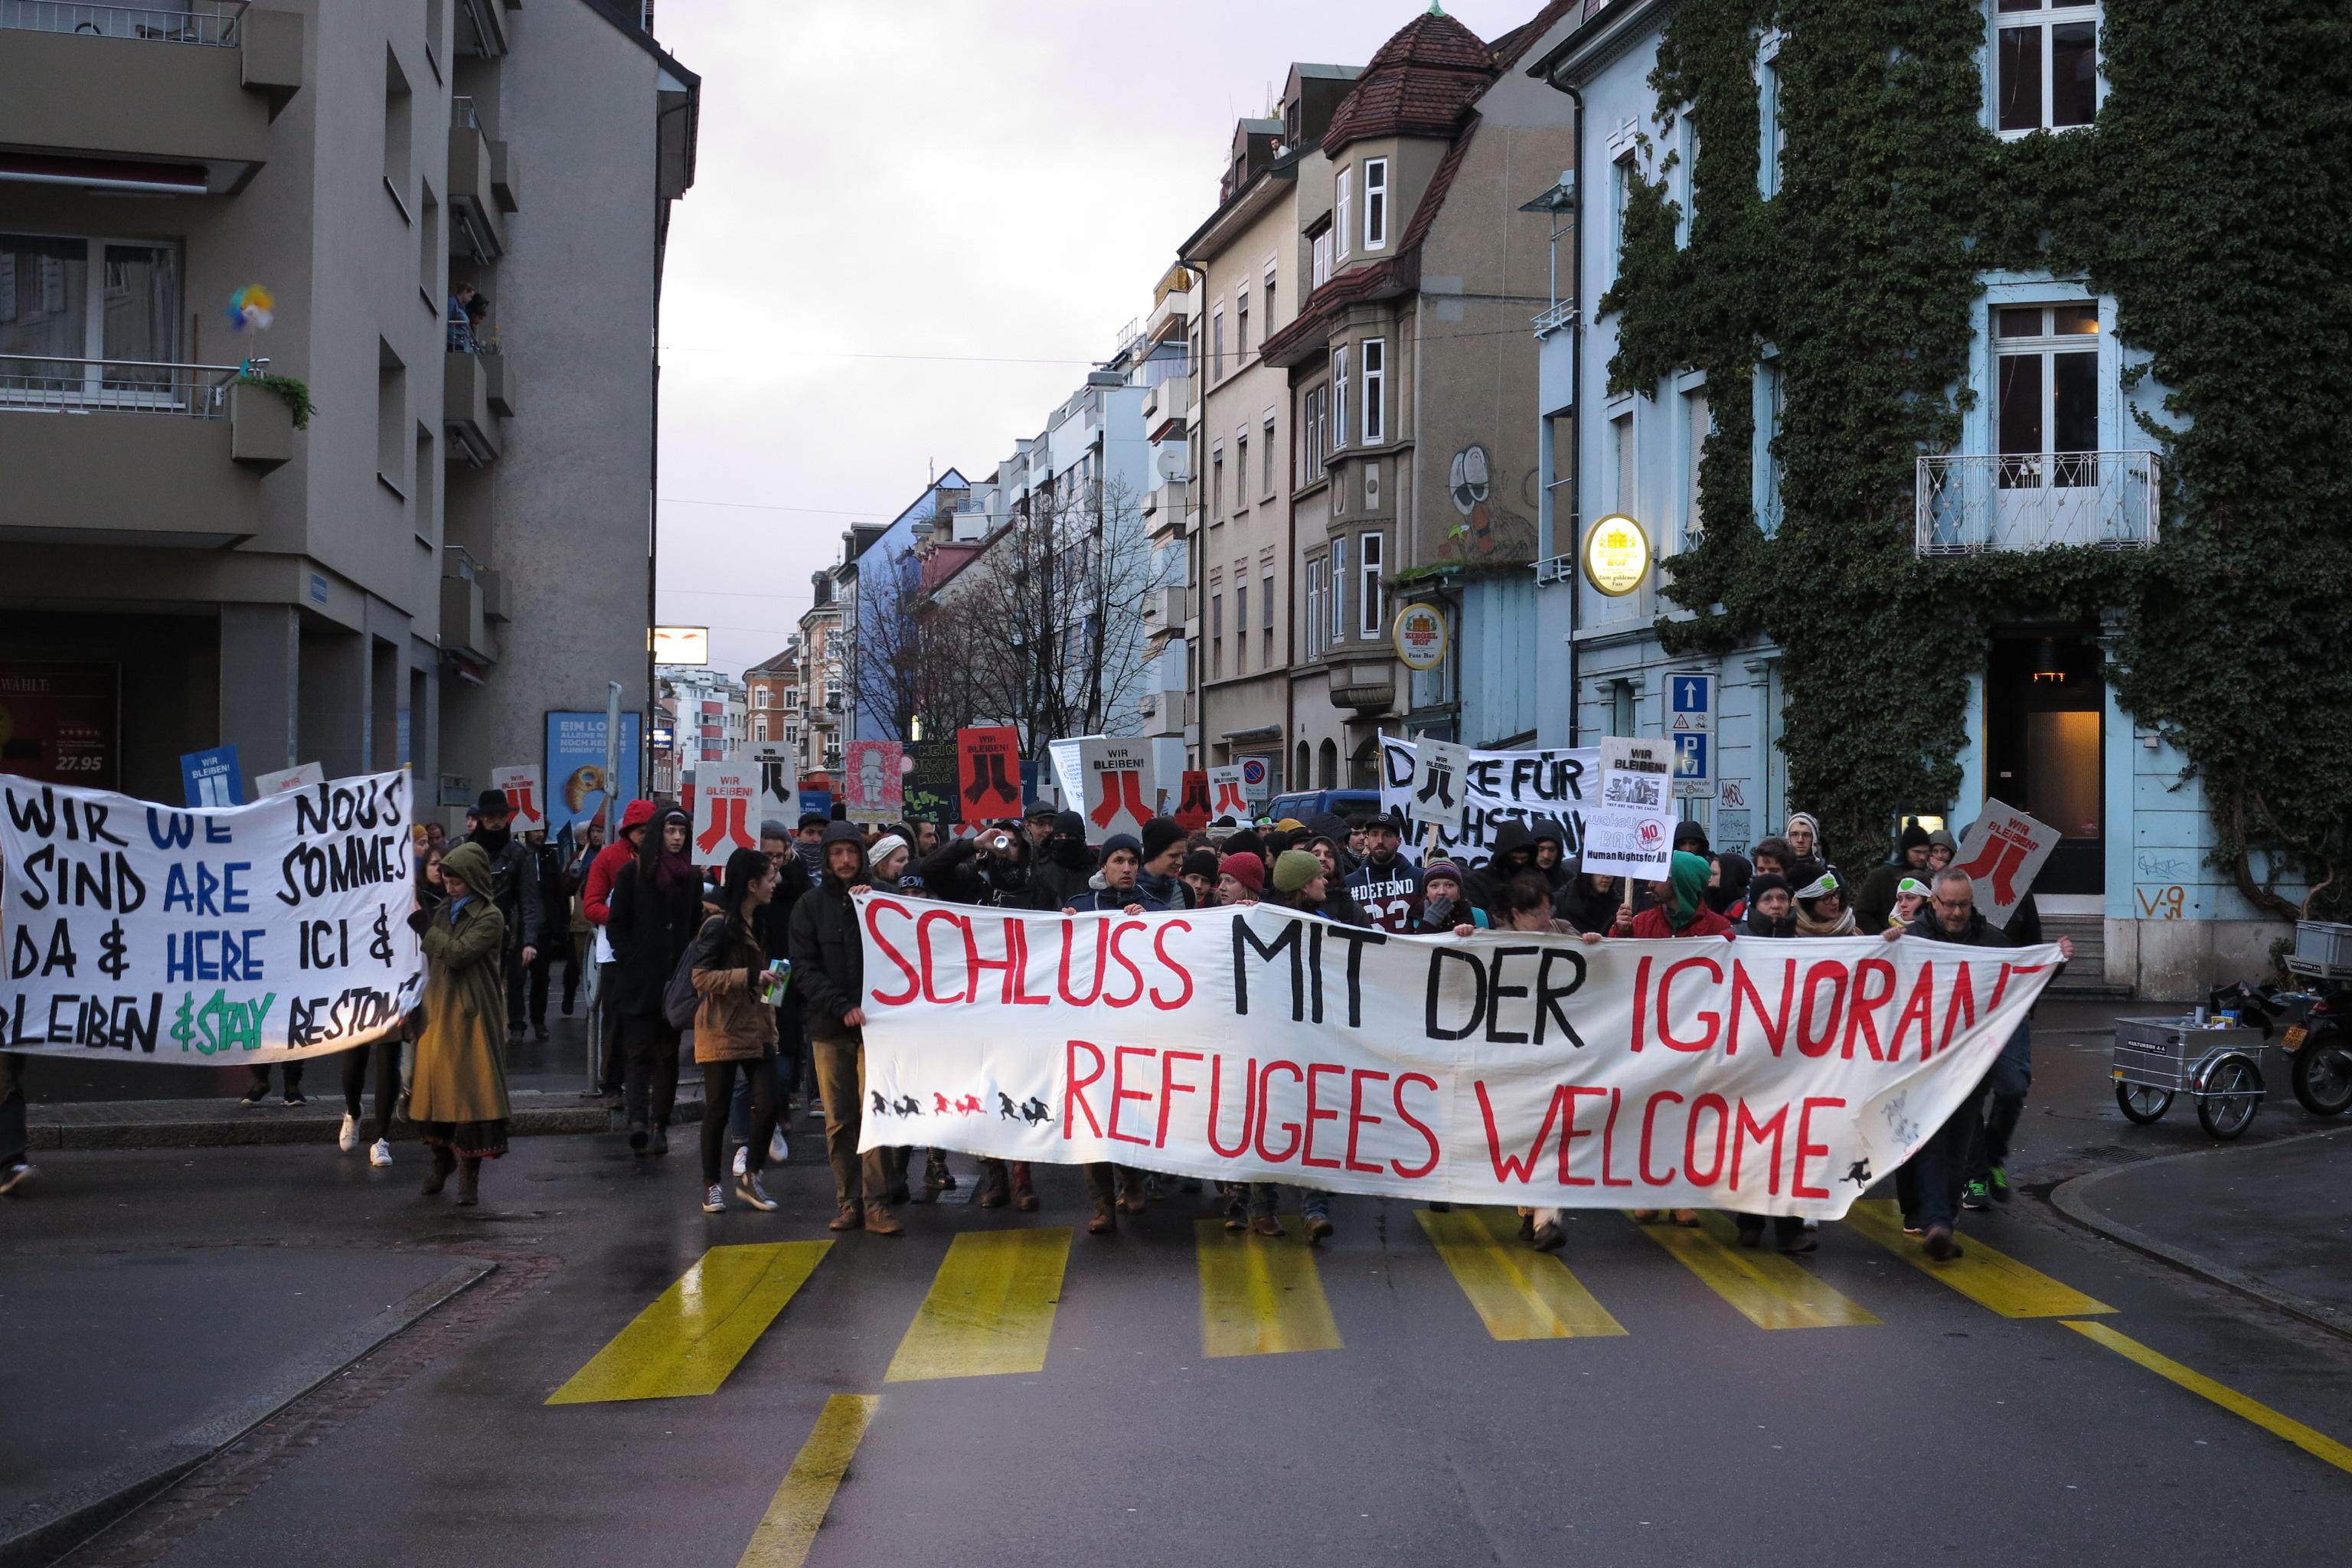 Die Demonstranten marschieren in Richtung Claraplatz. Bis zu diesem Zeitpunkt blieb der Protest friedlich.